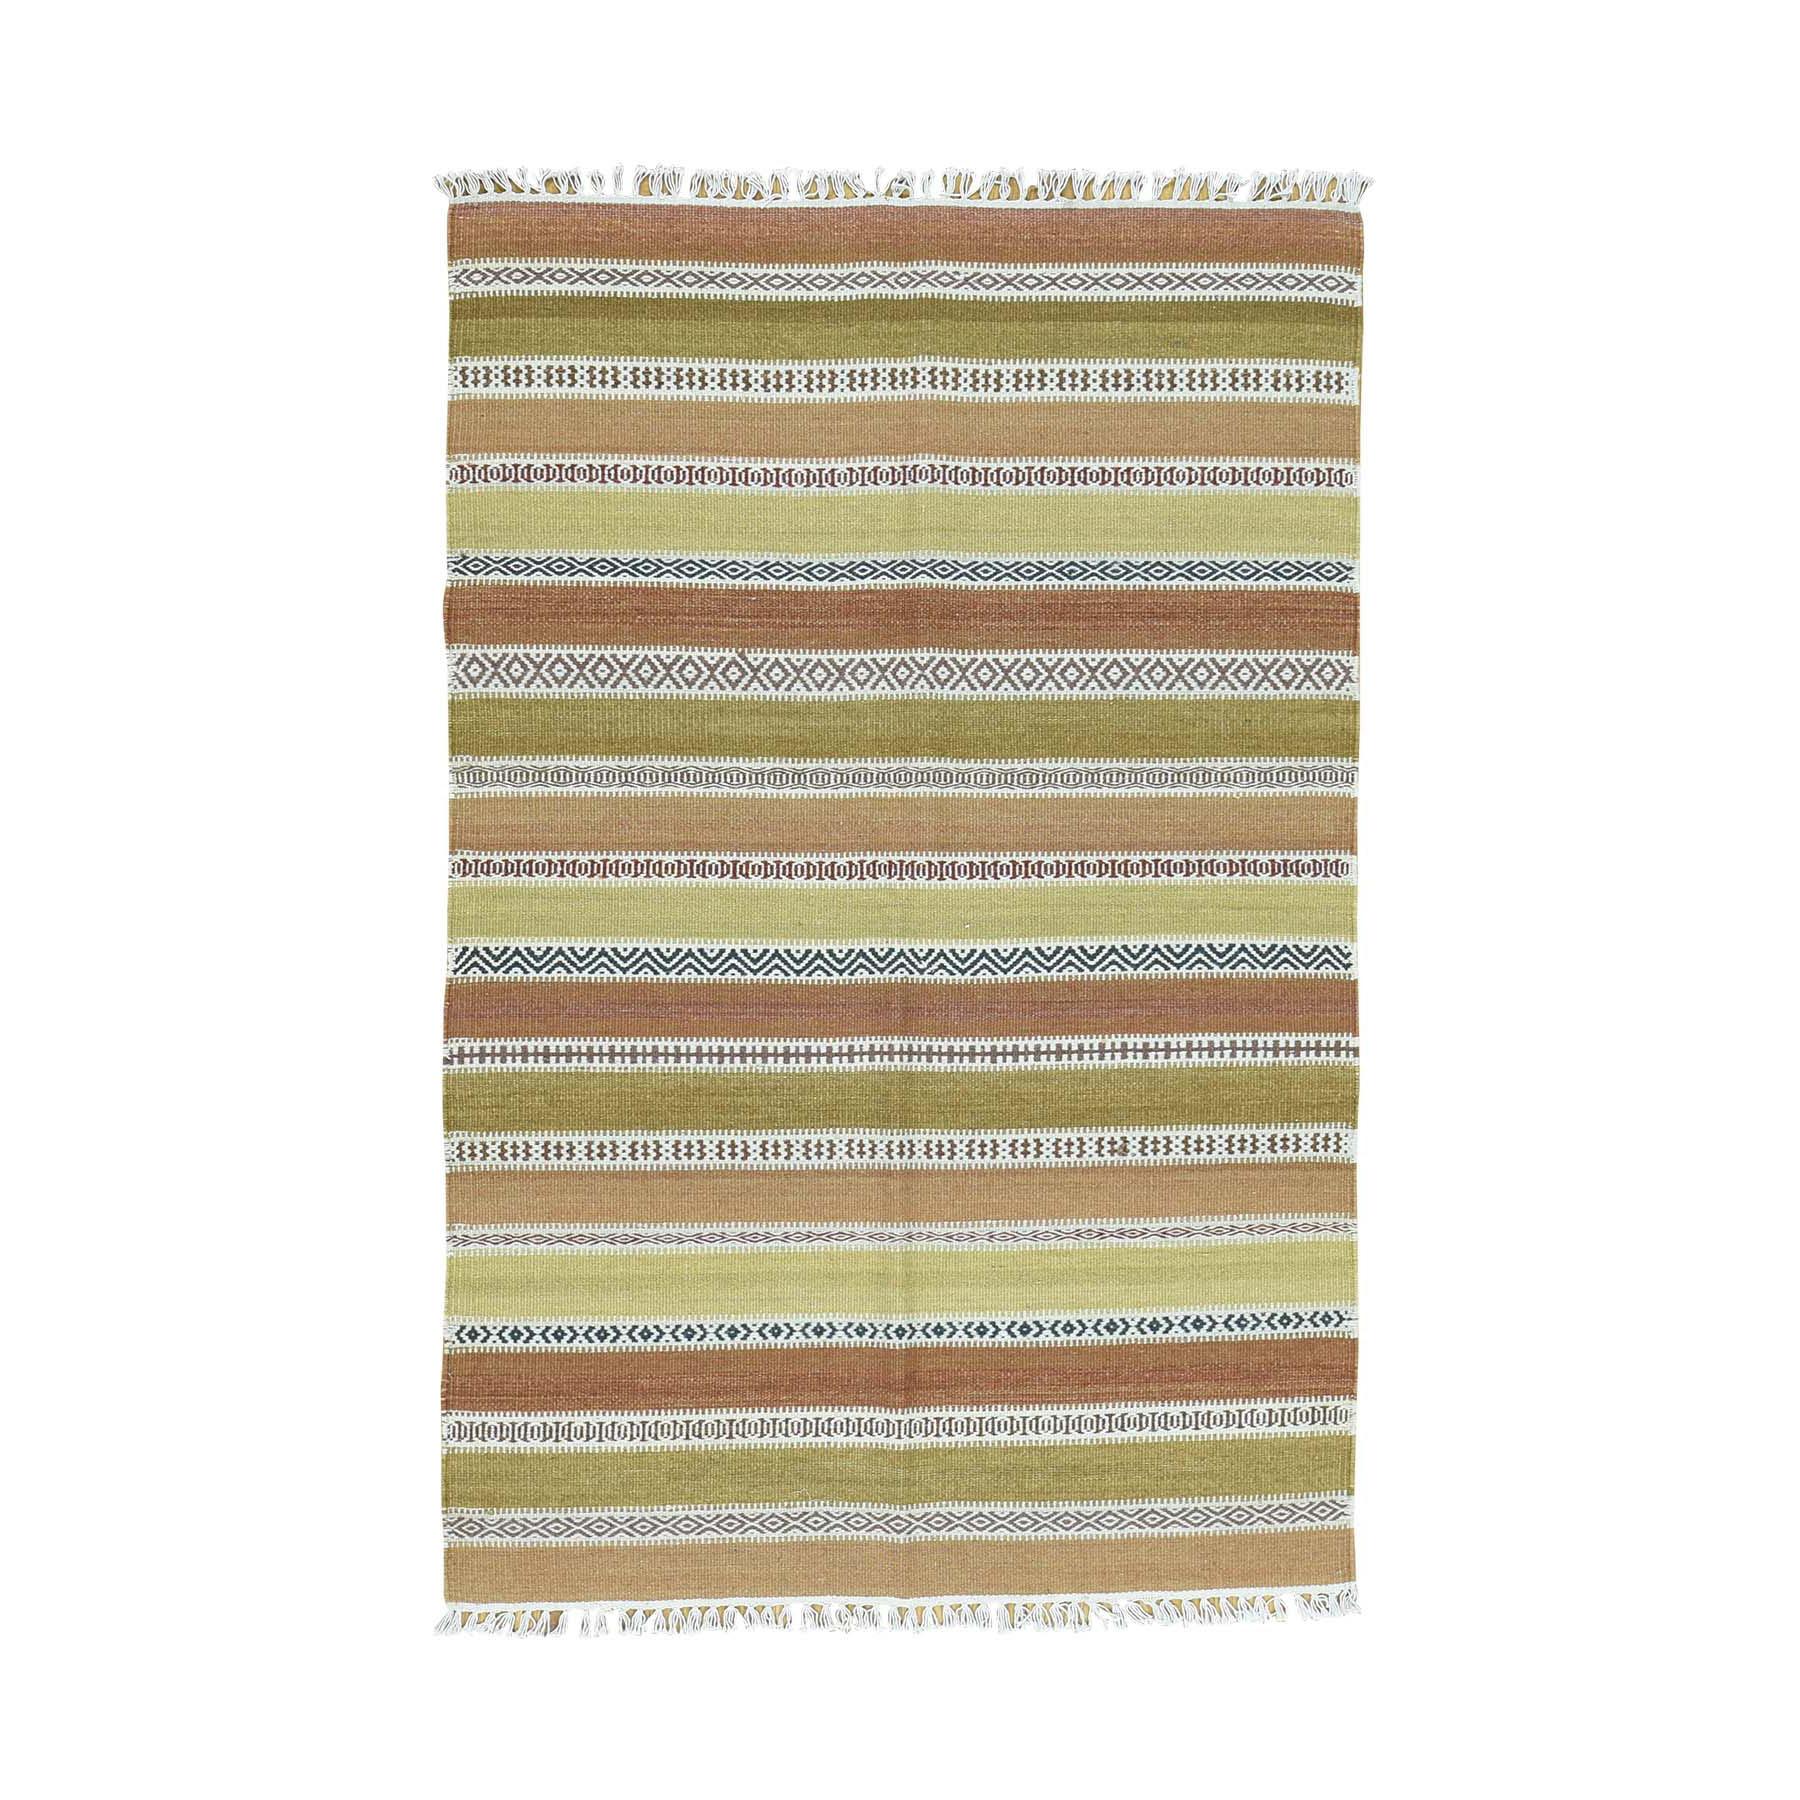 4'X6' Hand-Woven Striped Durie Kilim 100 Percent Wool Flat Weave Rug moaca8b7